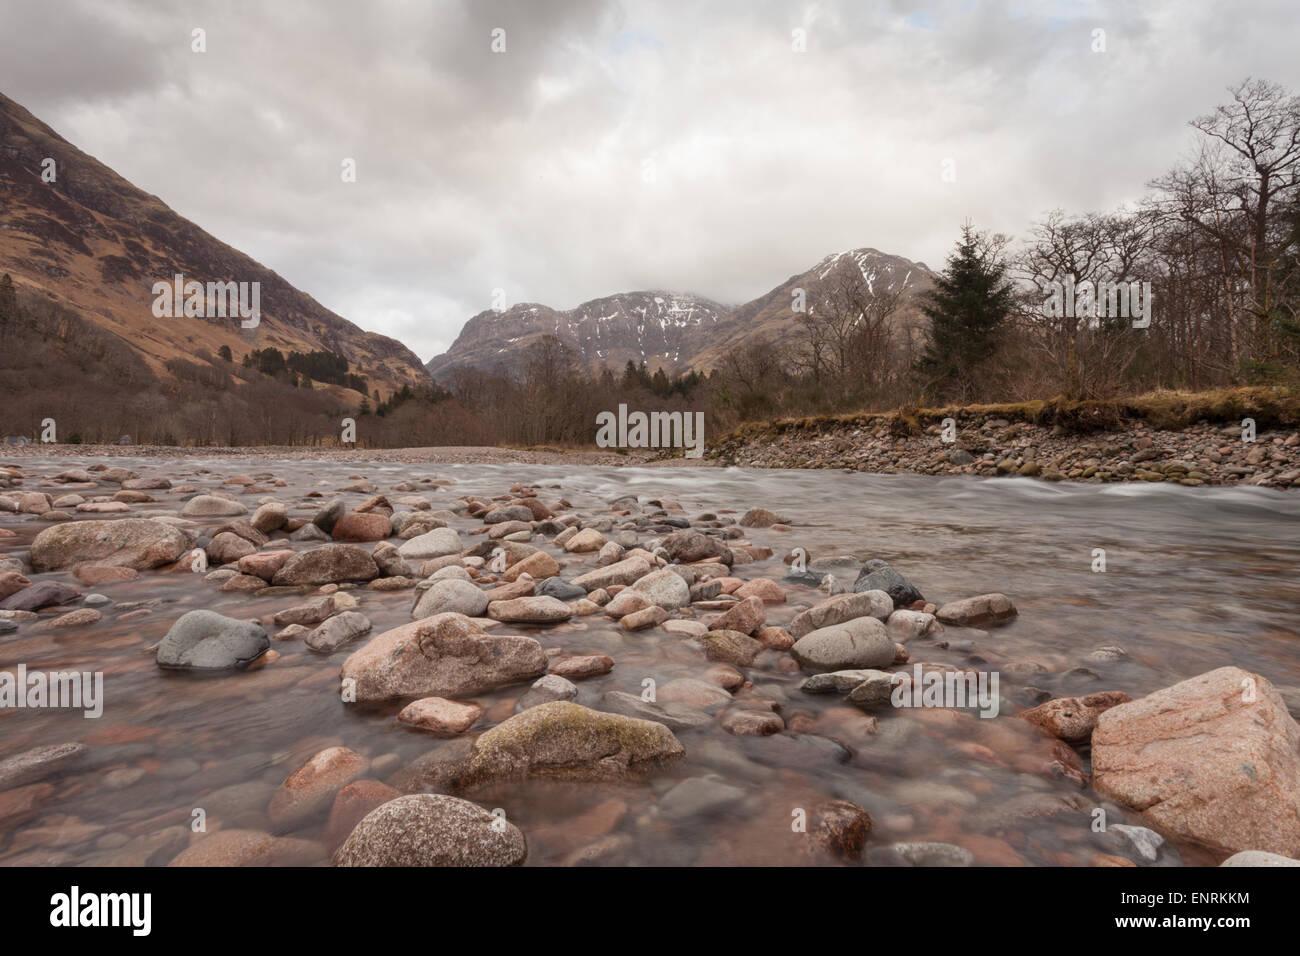 Photo panoramique des highlands écossais, avec une rivière ou un cours d'eau et des pierres à Photo Stock